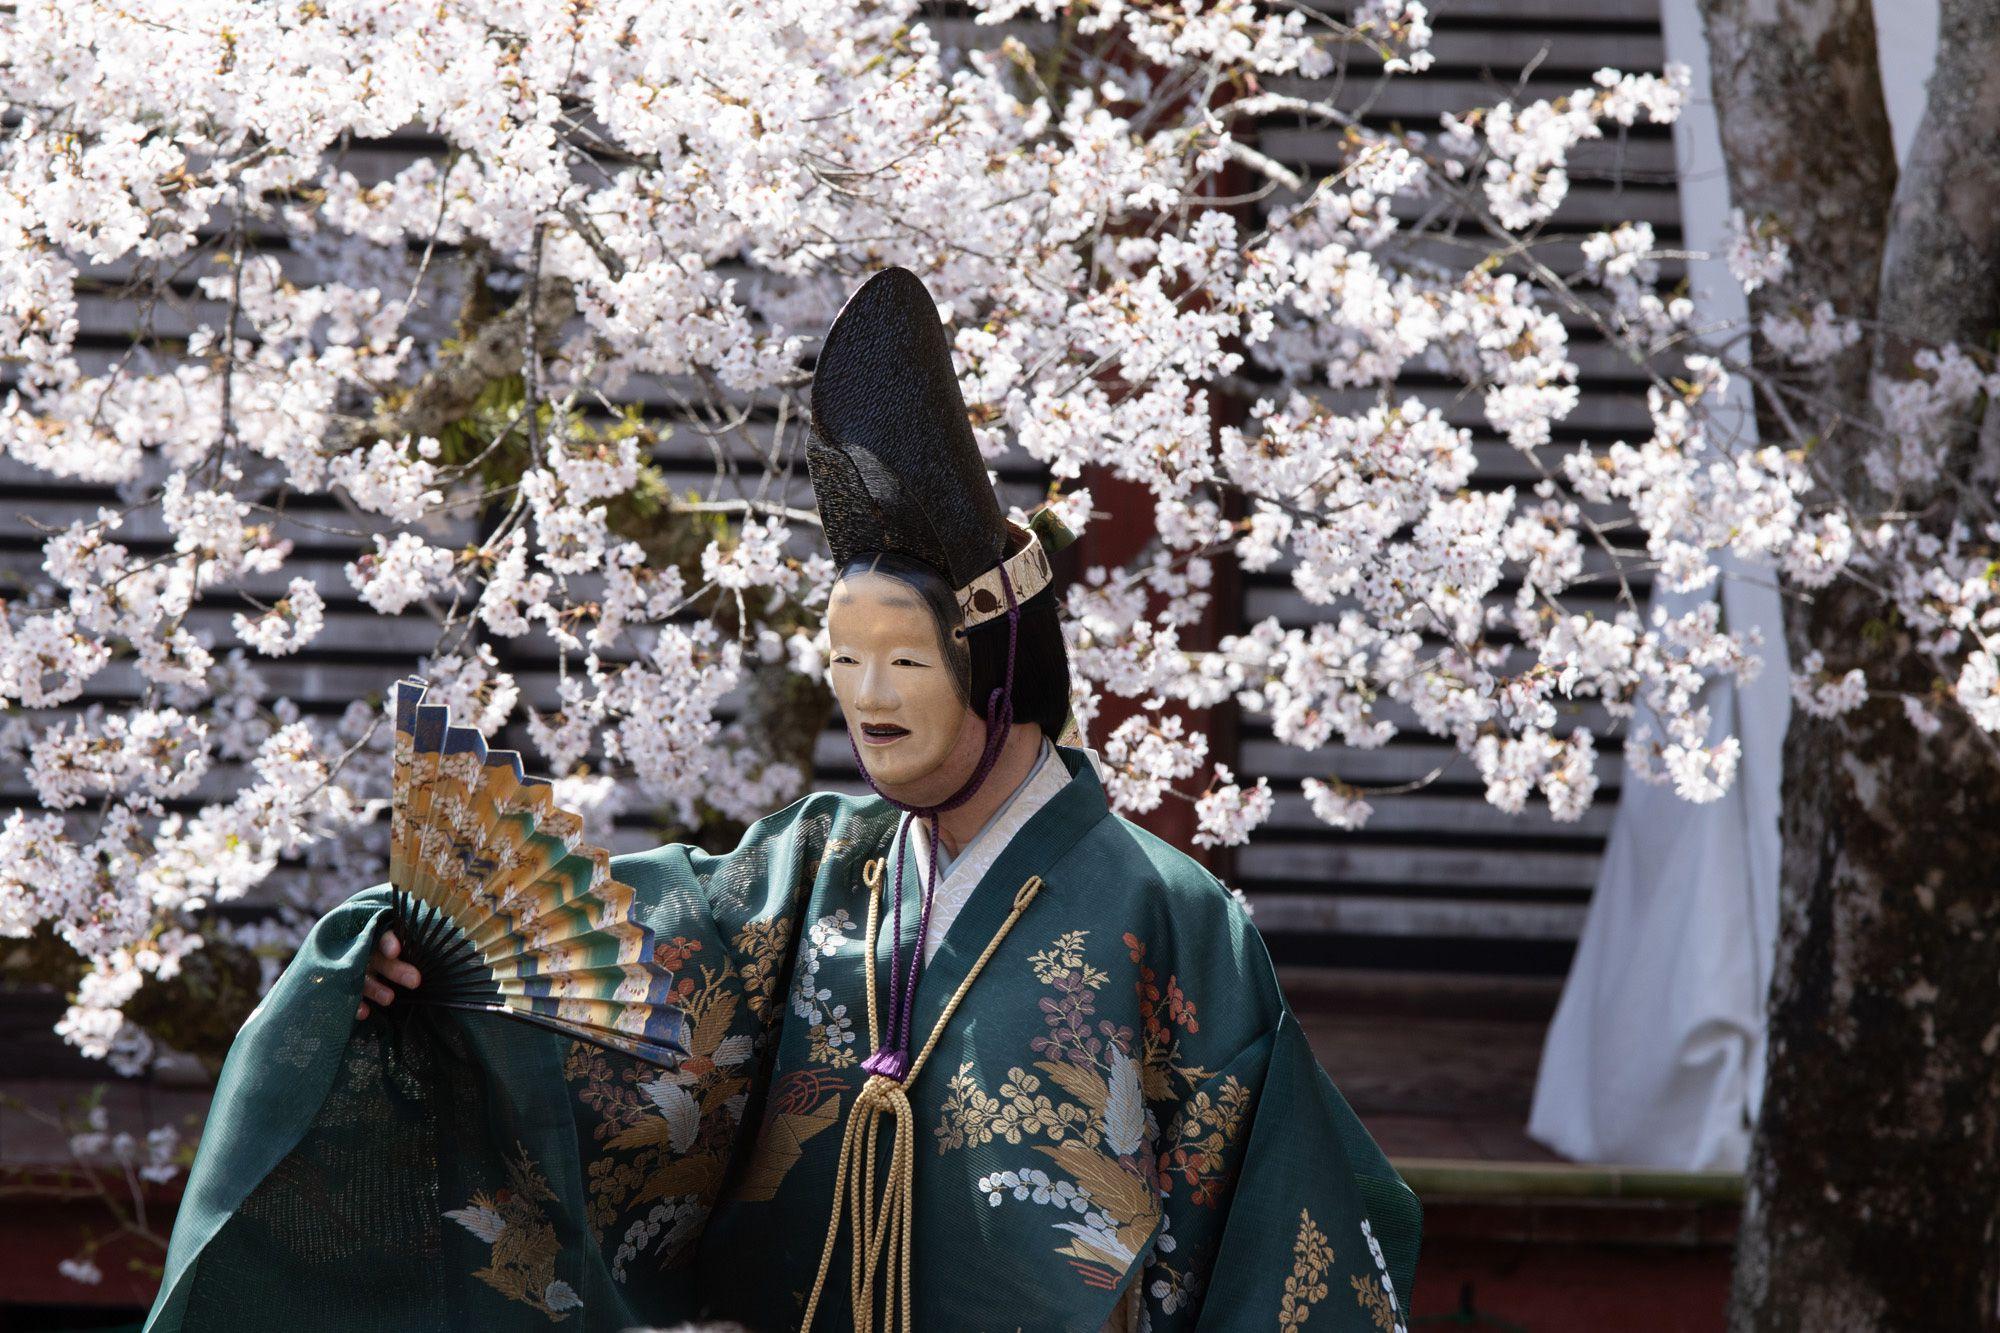 もう一番の能「百万」は奈良から京都・清凉寺まで旅をしてきた物狂いの女・百万が主人公。シテは片山九郎右衛門。